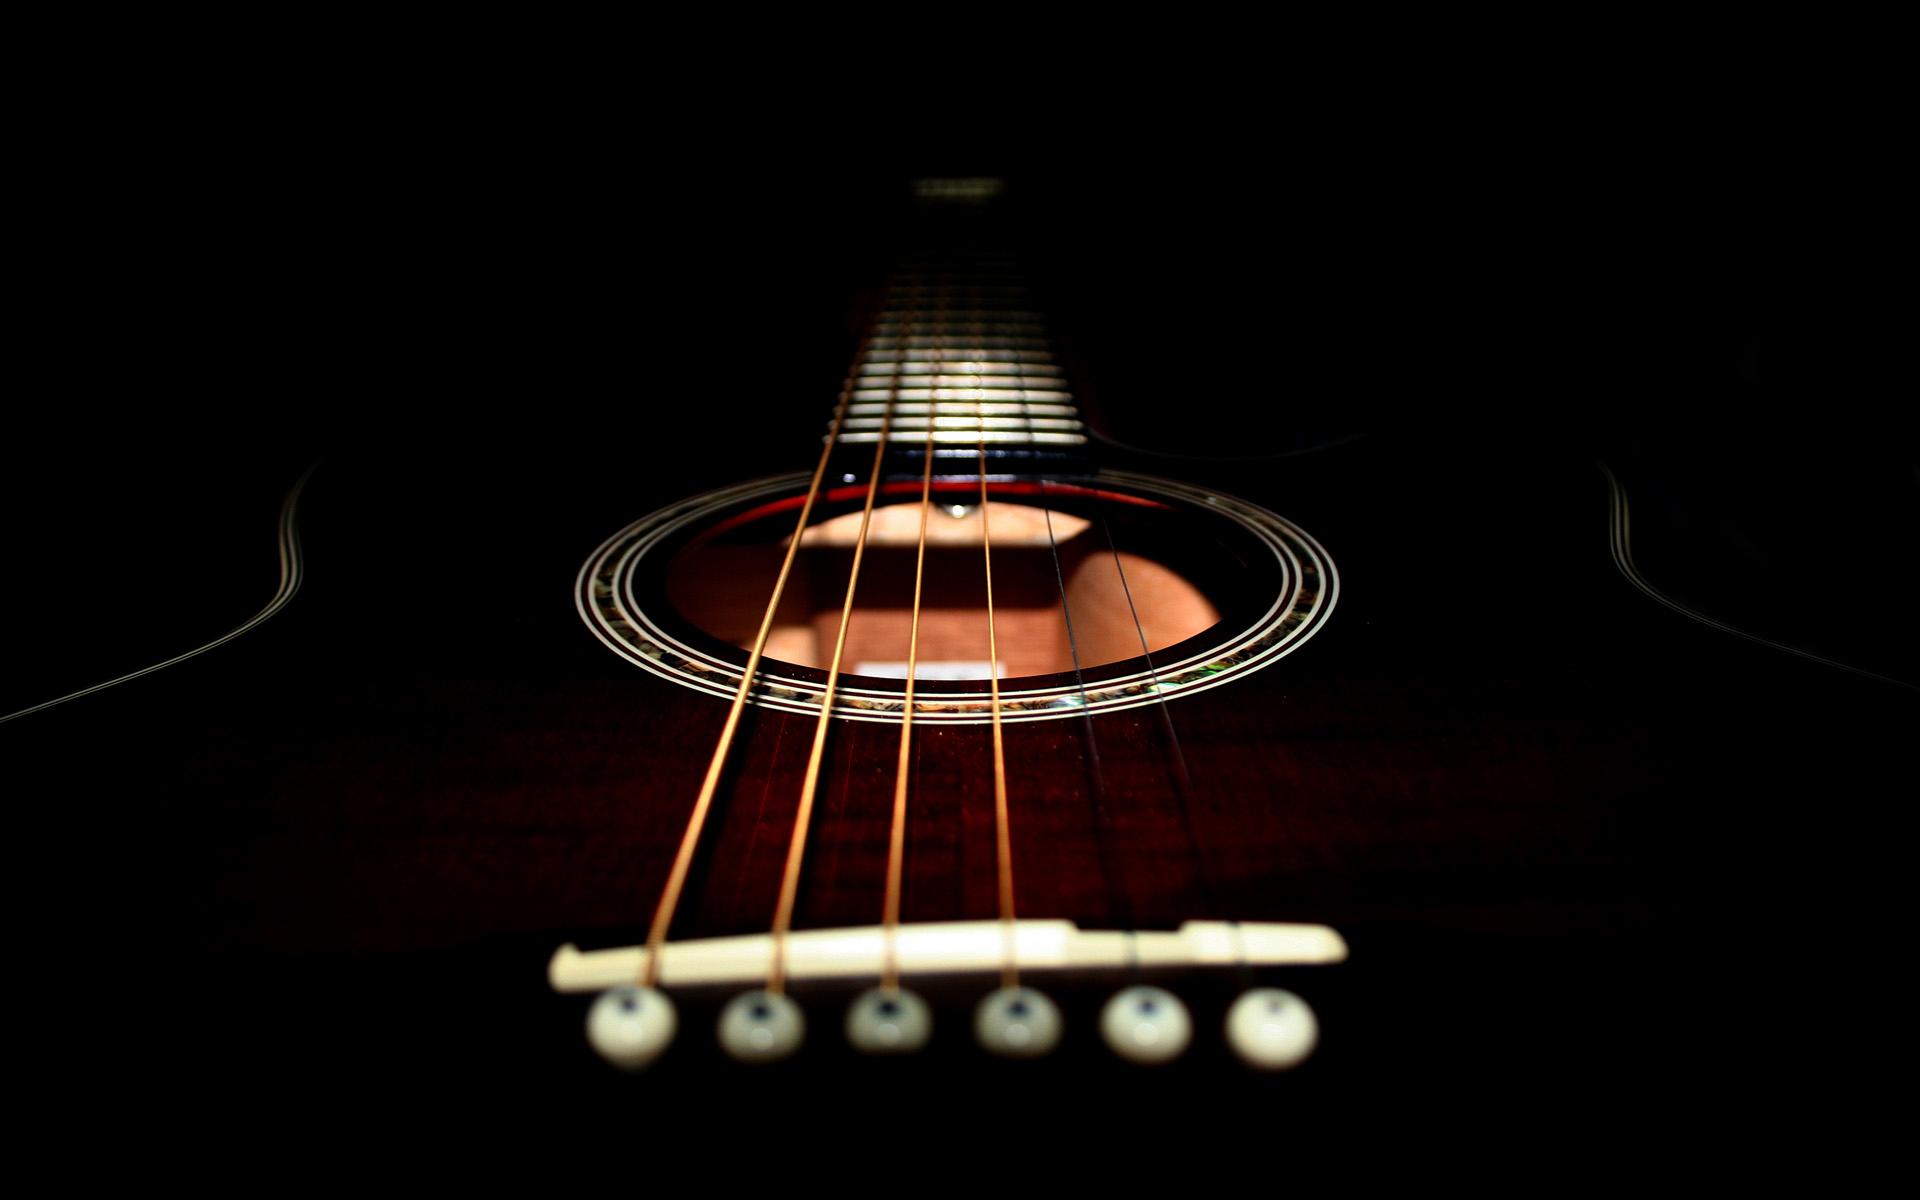 guitarfc.com_Guitar Bg (4)